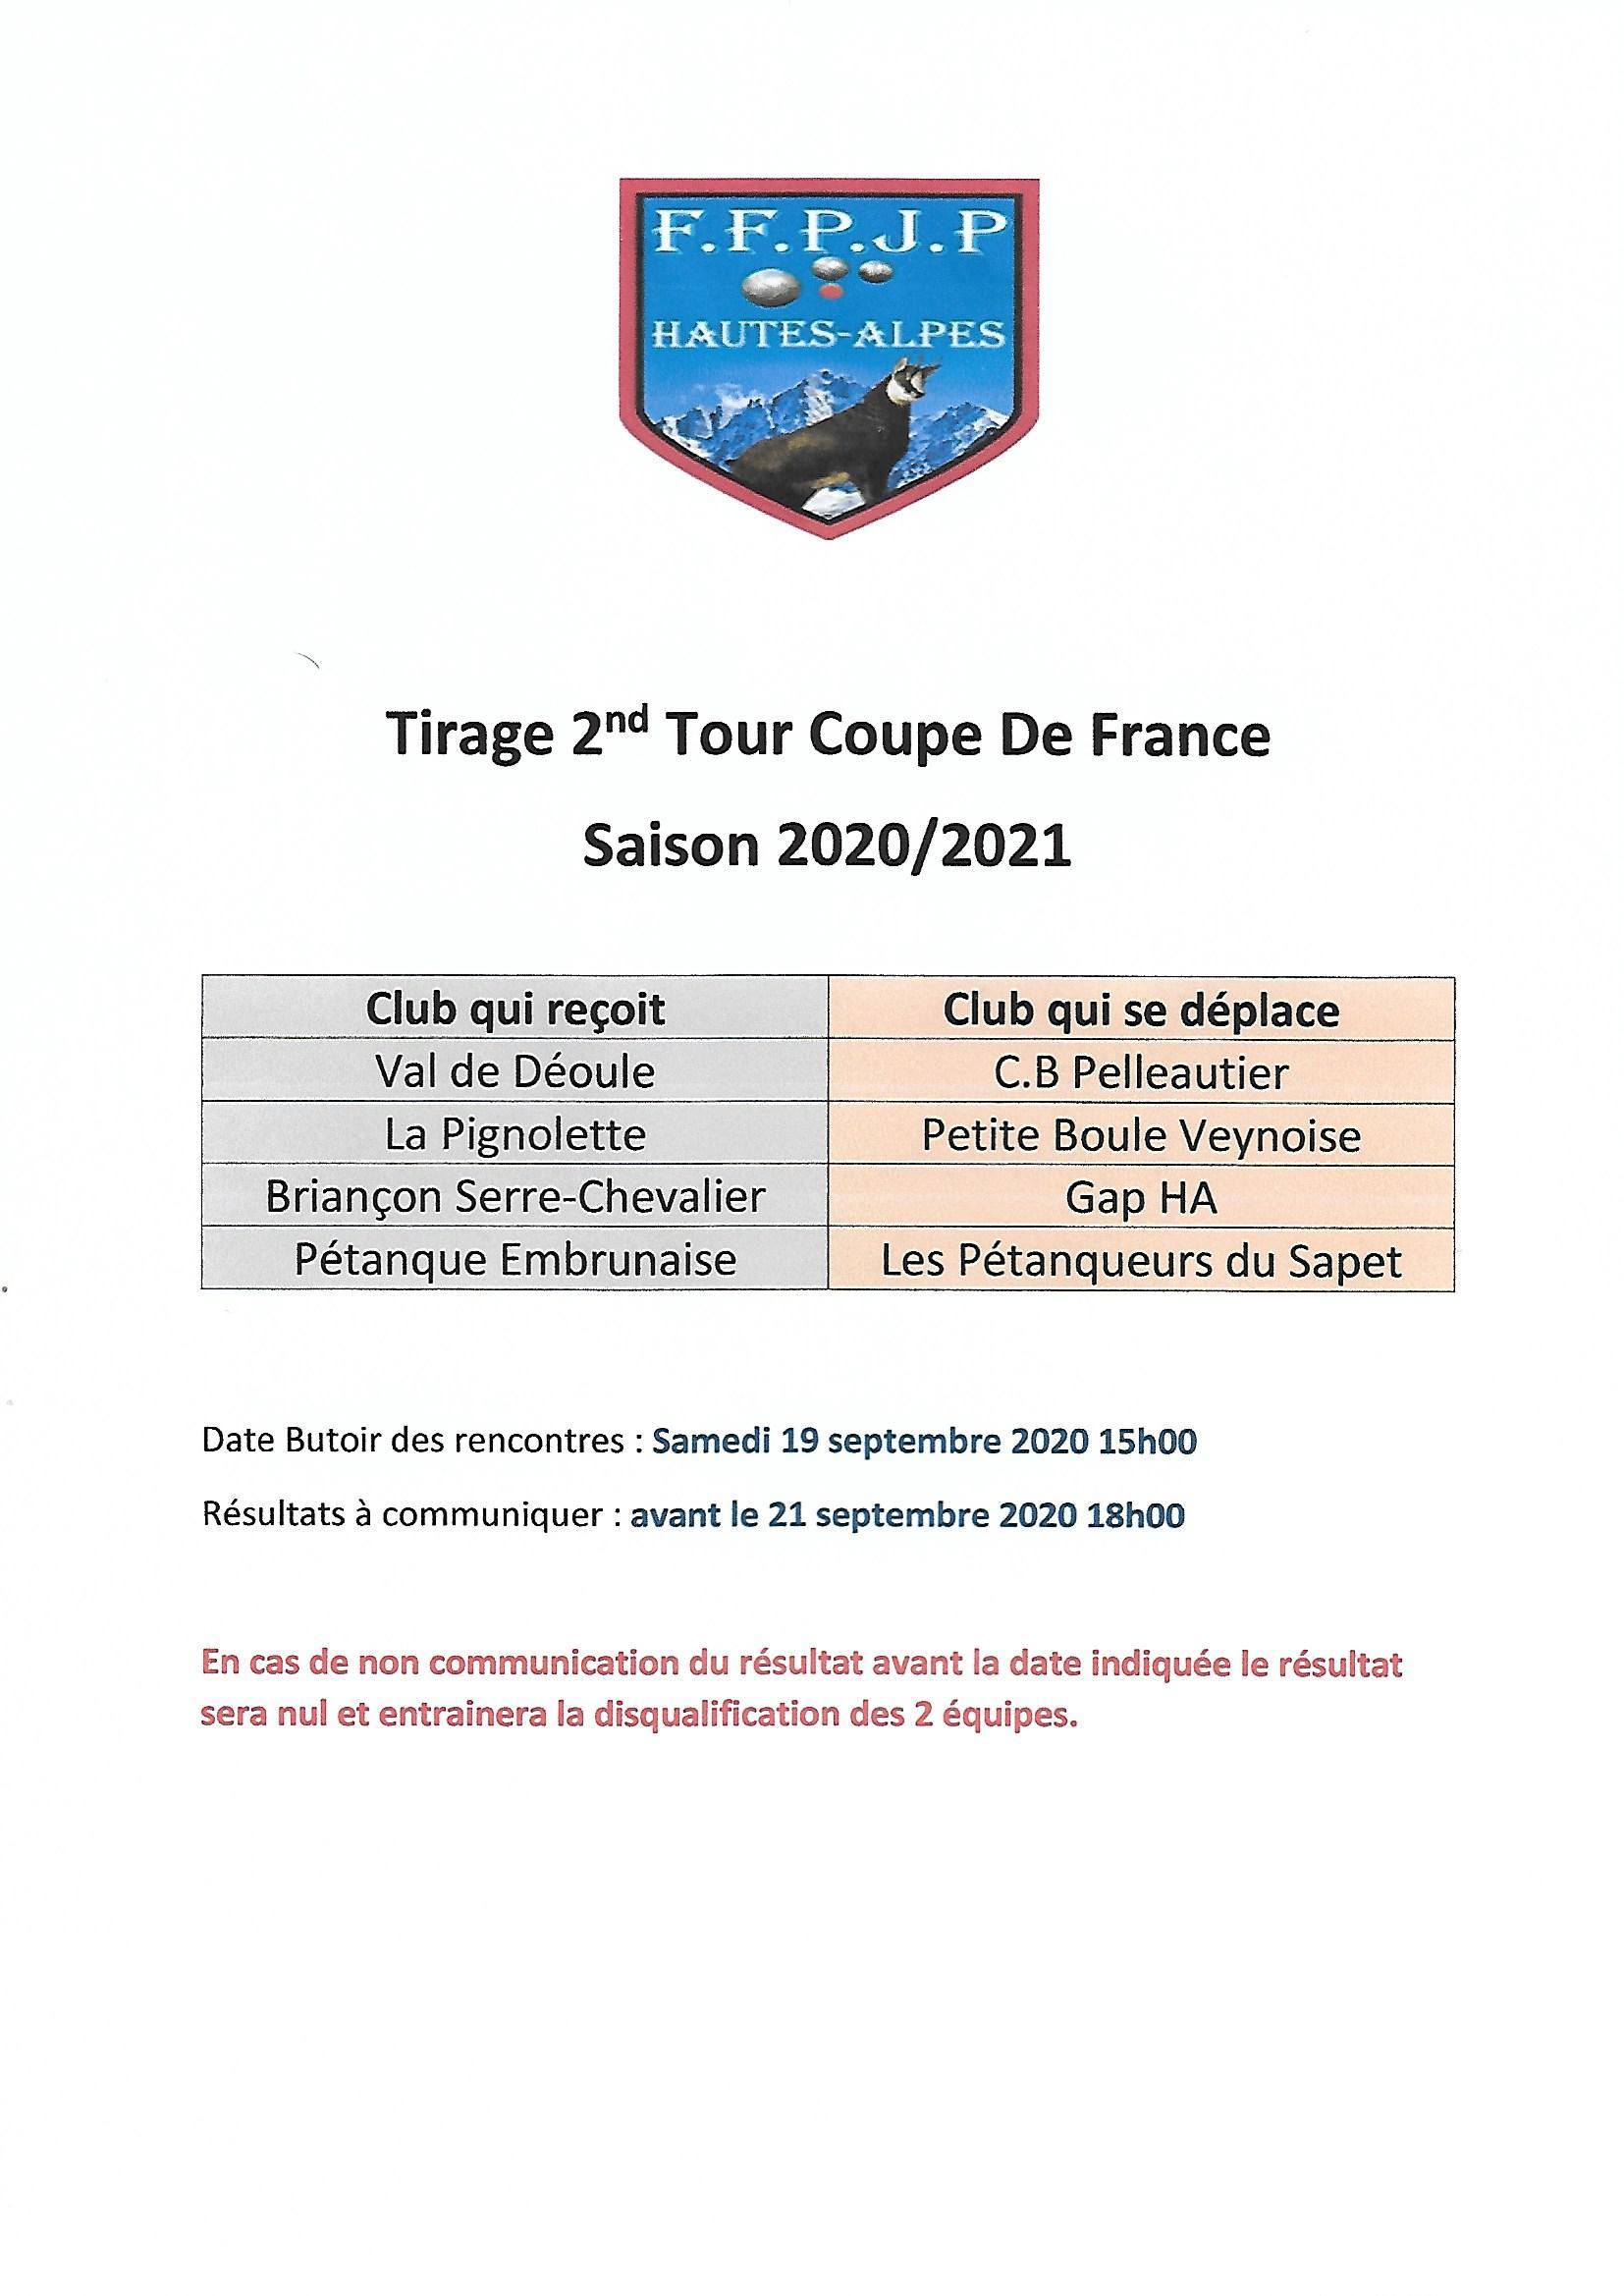 Tirage second Tour Coupe de France 2020/2021